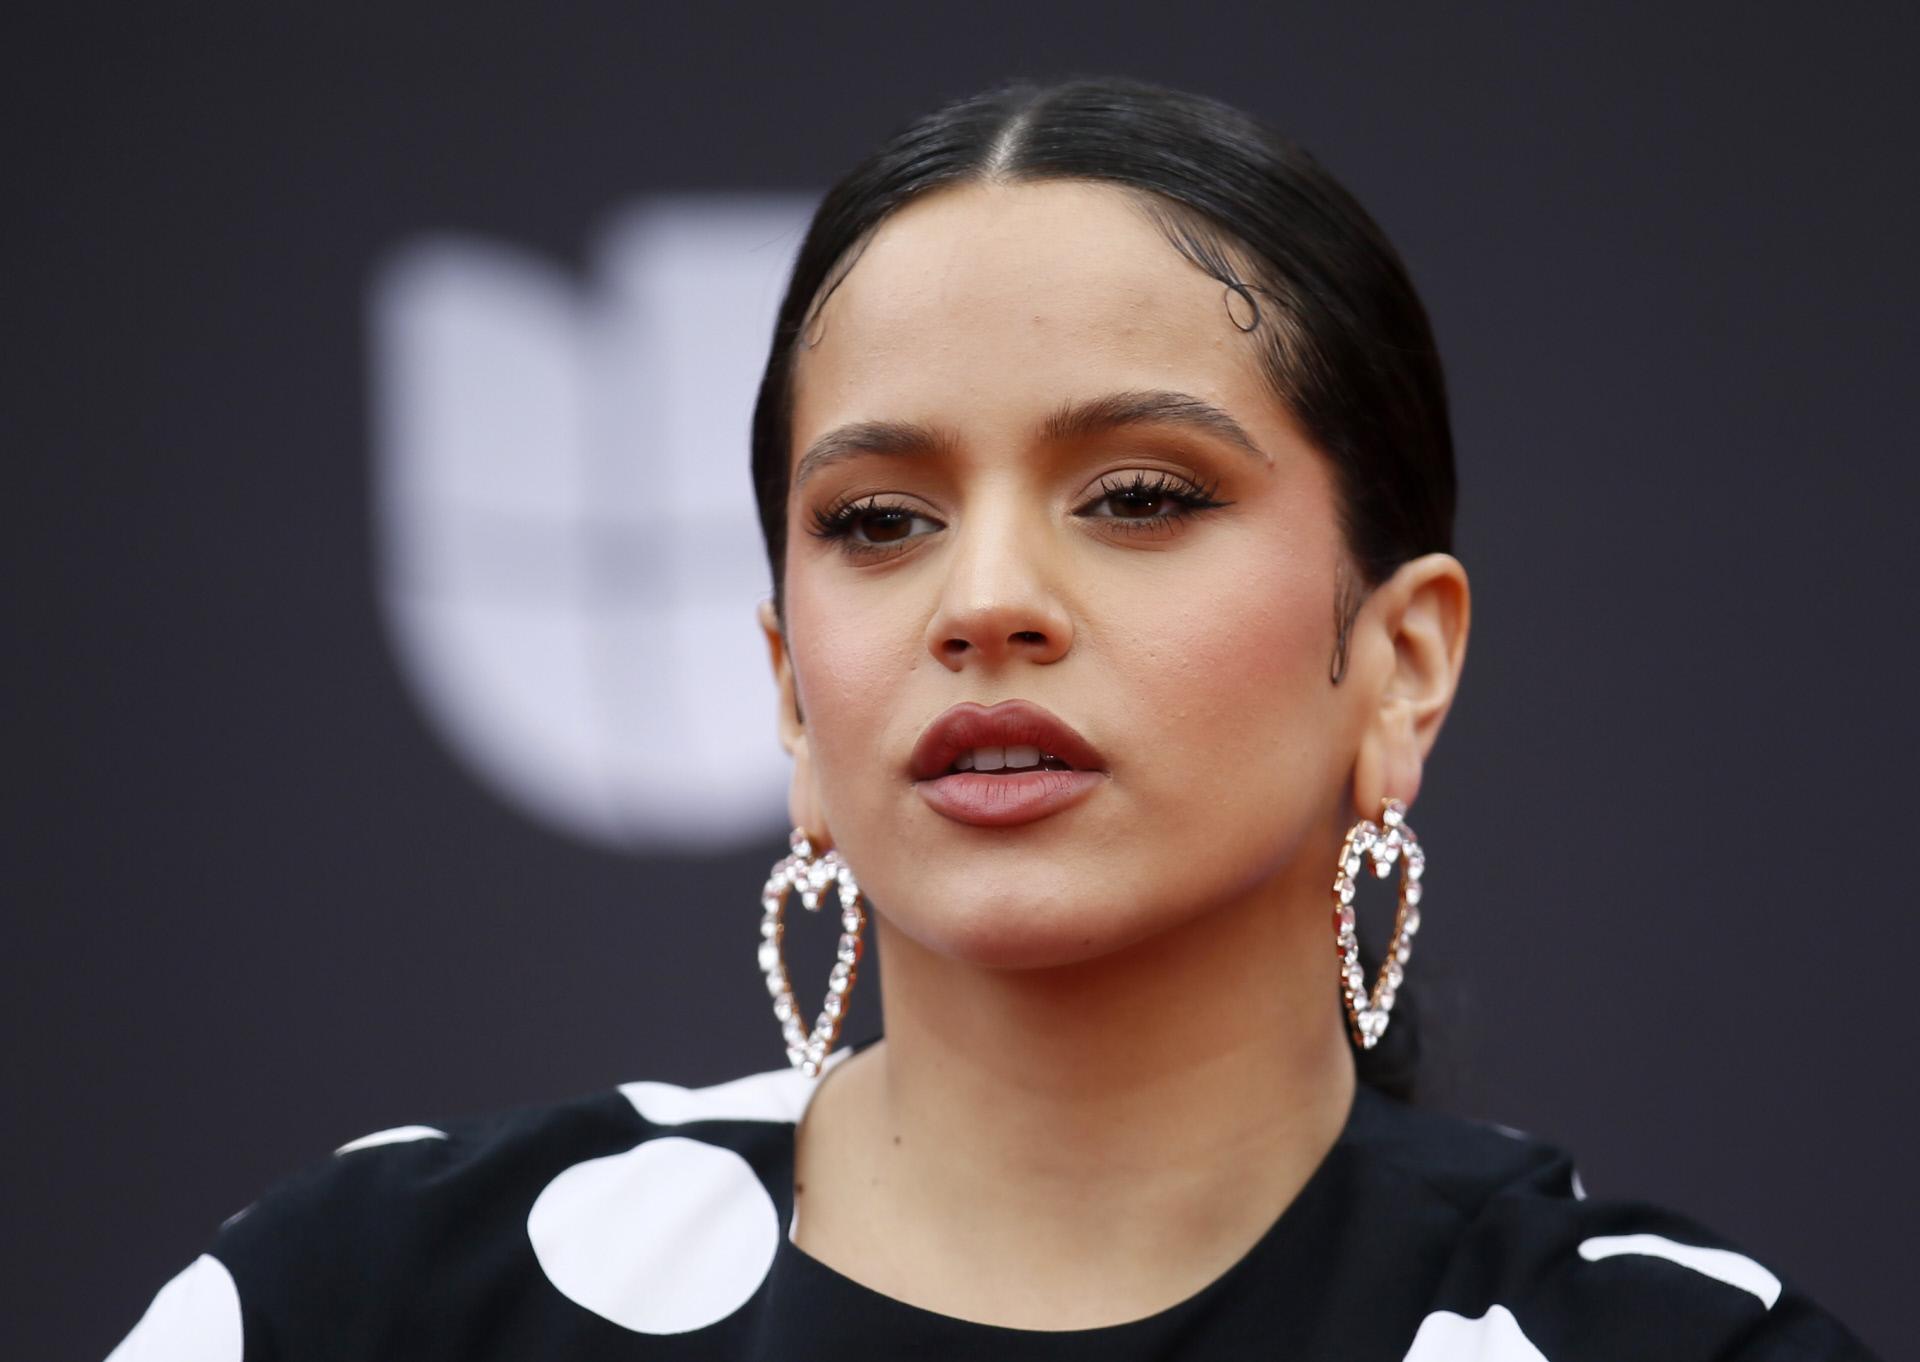 ¡Prepara las palomitas! Rosalía está a punto de ser protagonista de su propia película